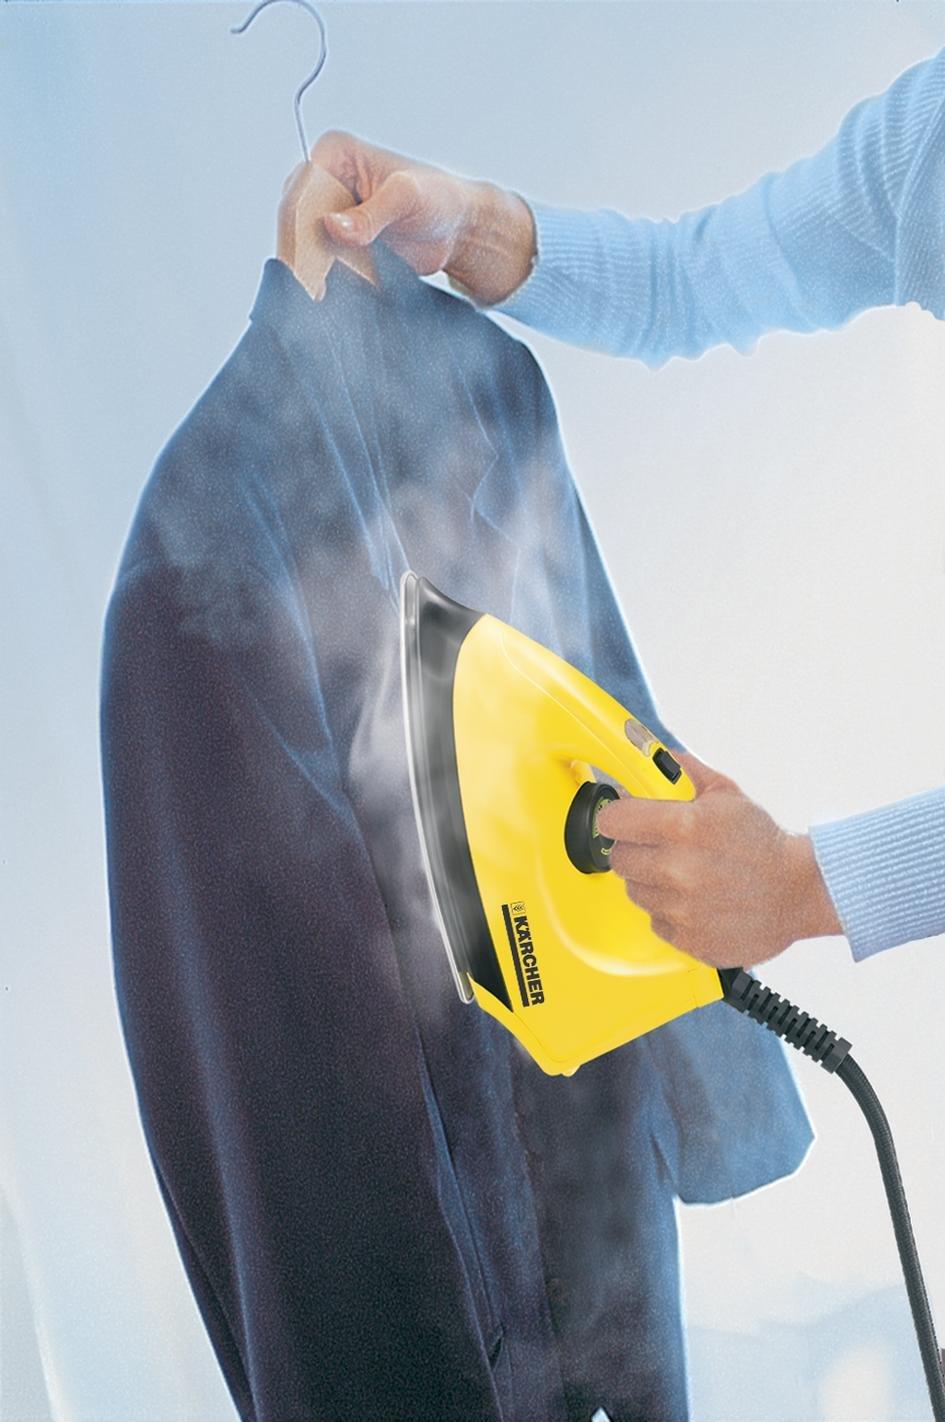 Kärcher Dampfdruck-Bügeleisen I 6006 2.863-208.0 Dampfbügeleisen